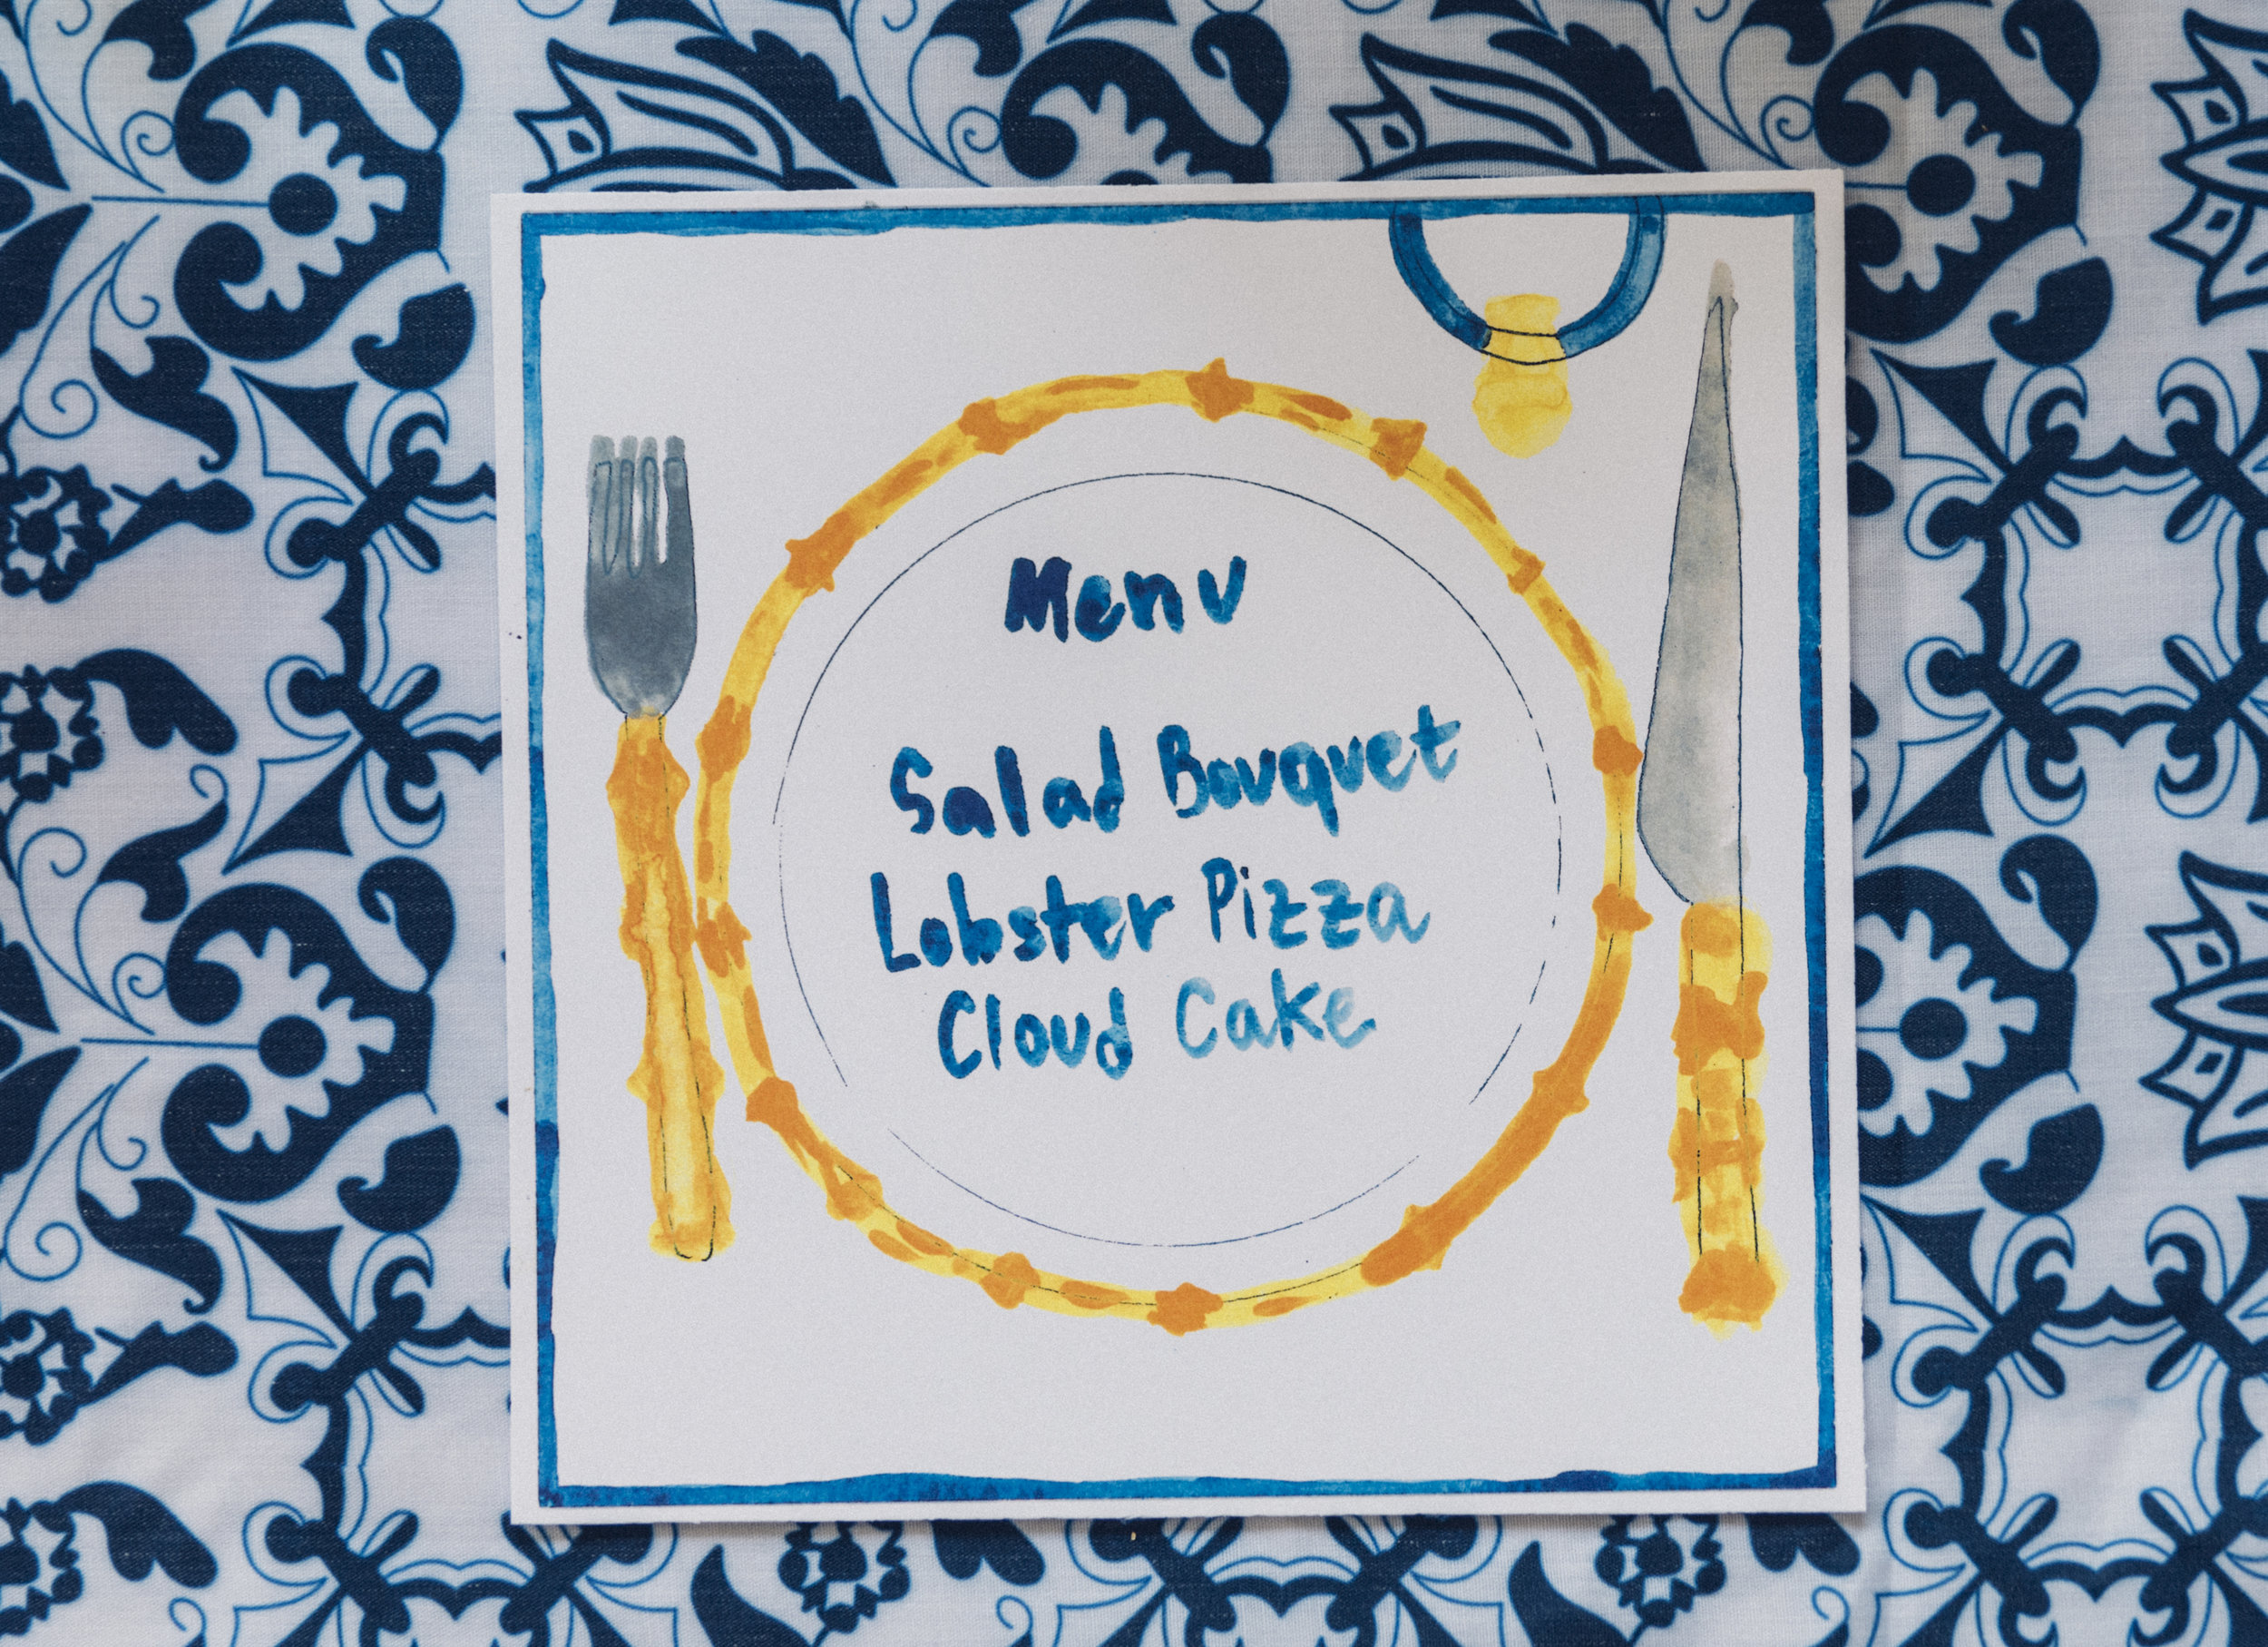 Chefanie's painted bamboo inspired menu